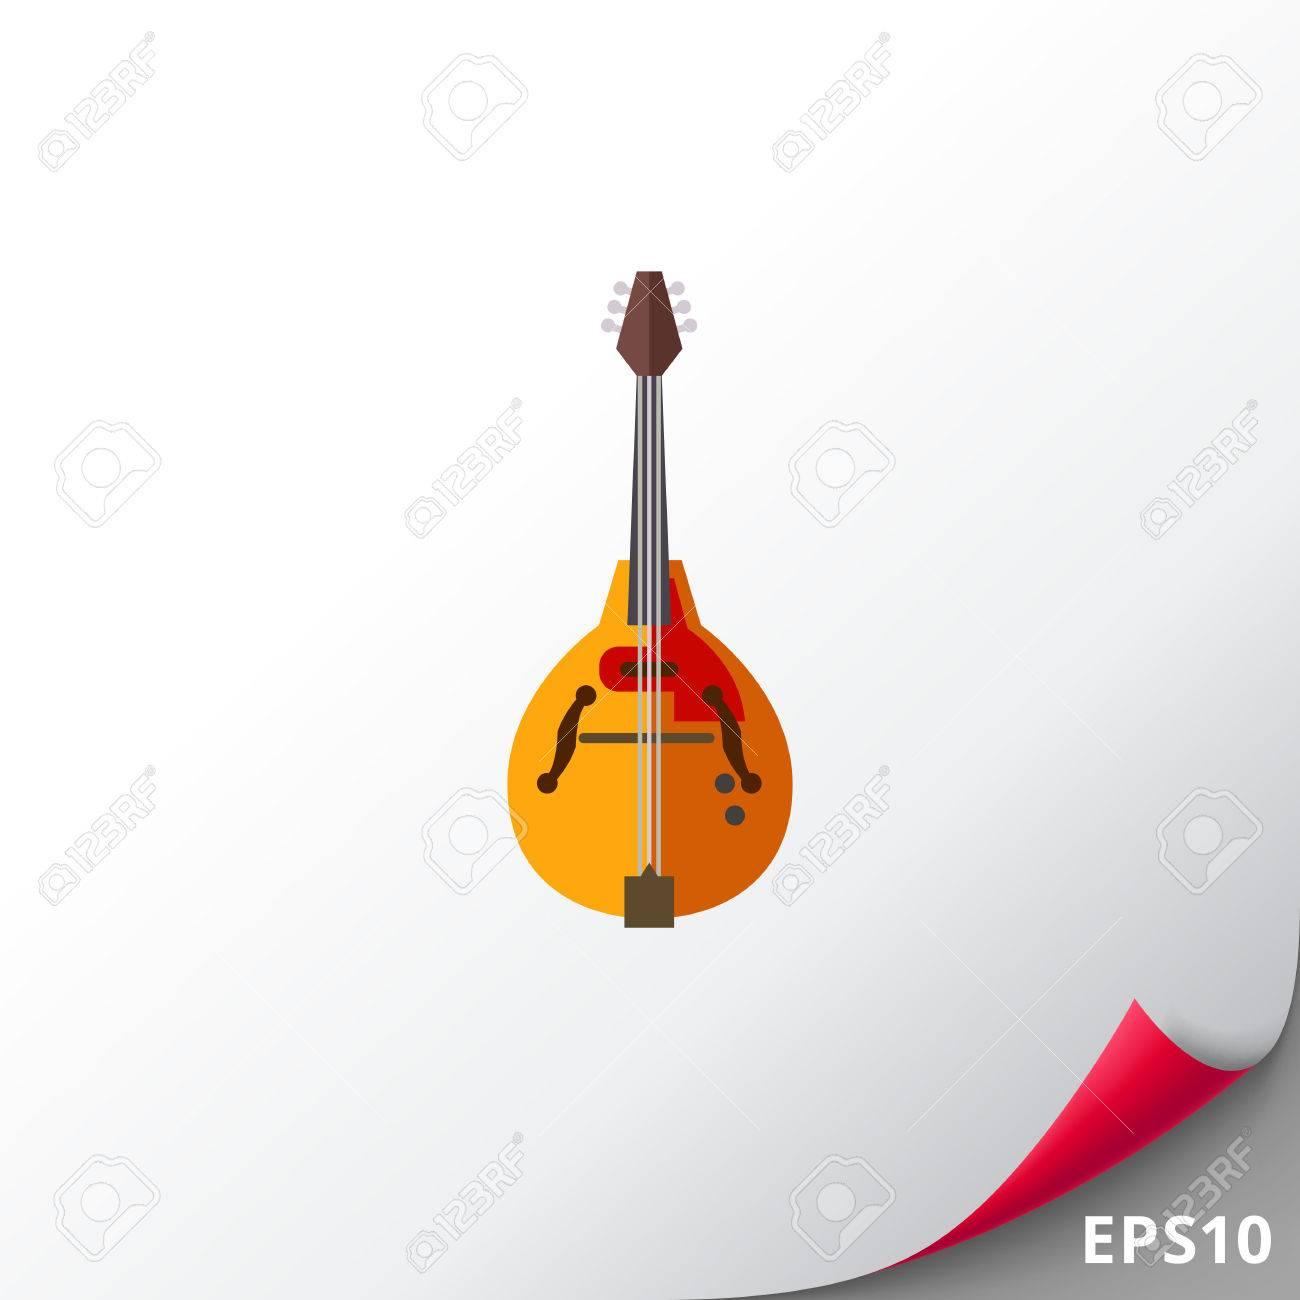 マンドリン楽器アイコンのイラスト素材ベクタ Image 74149456